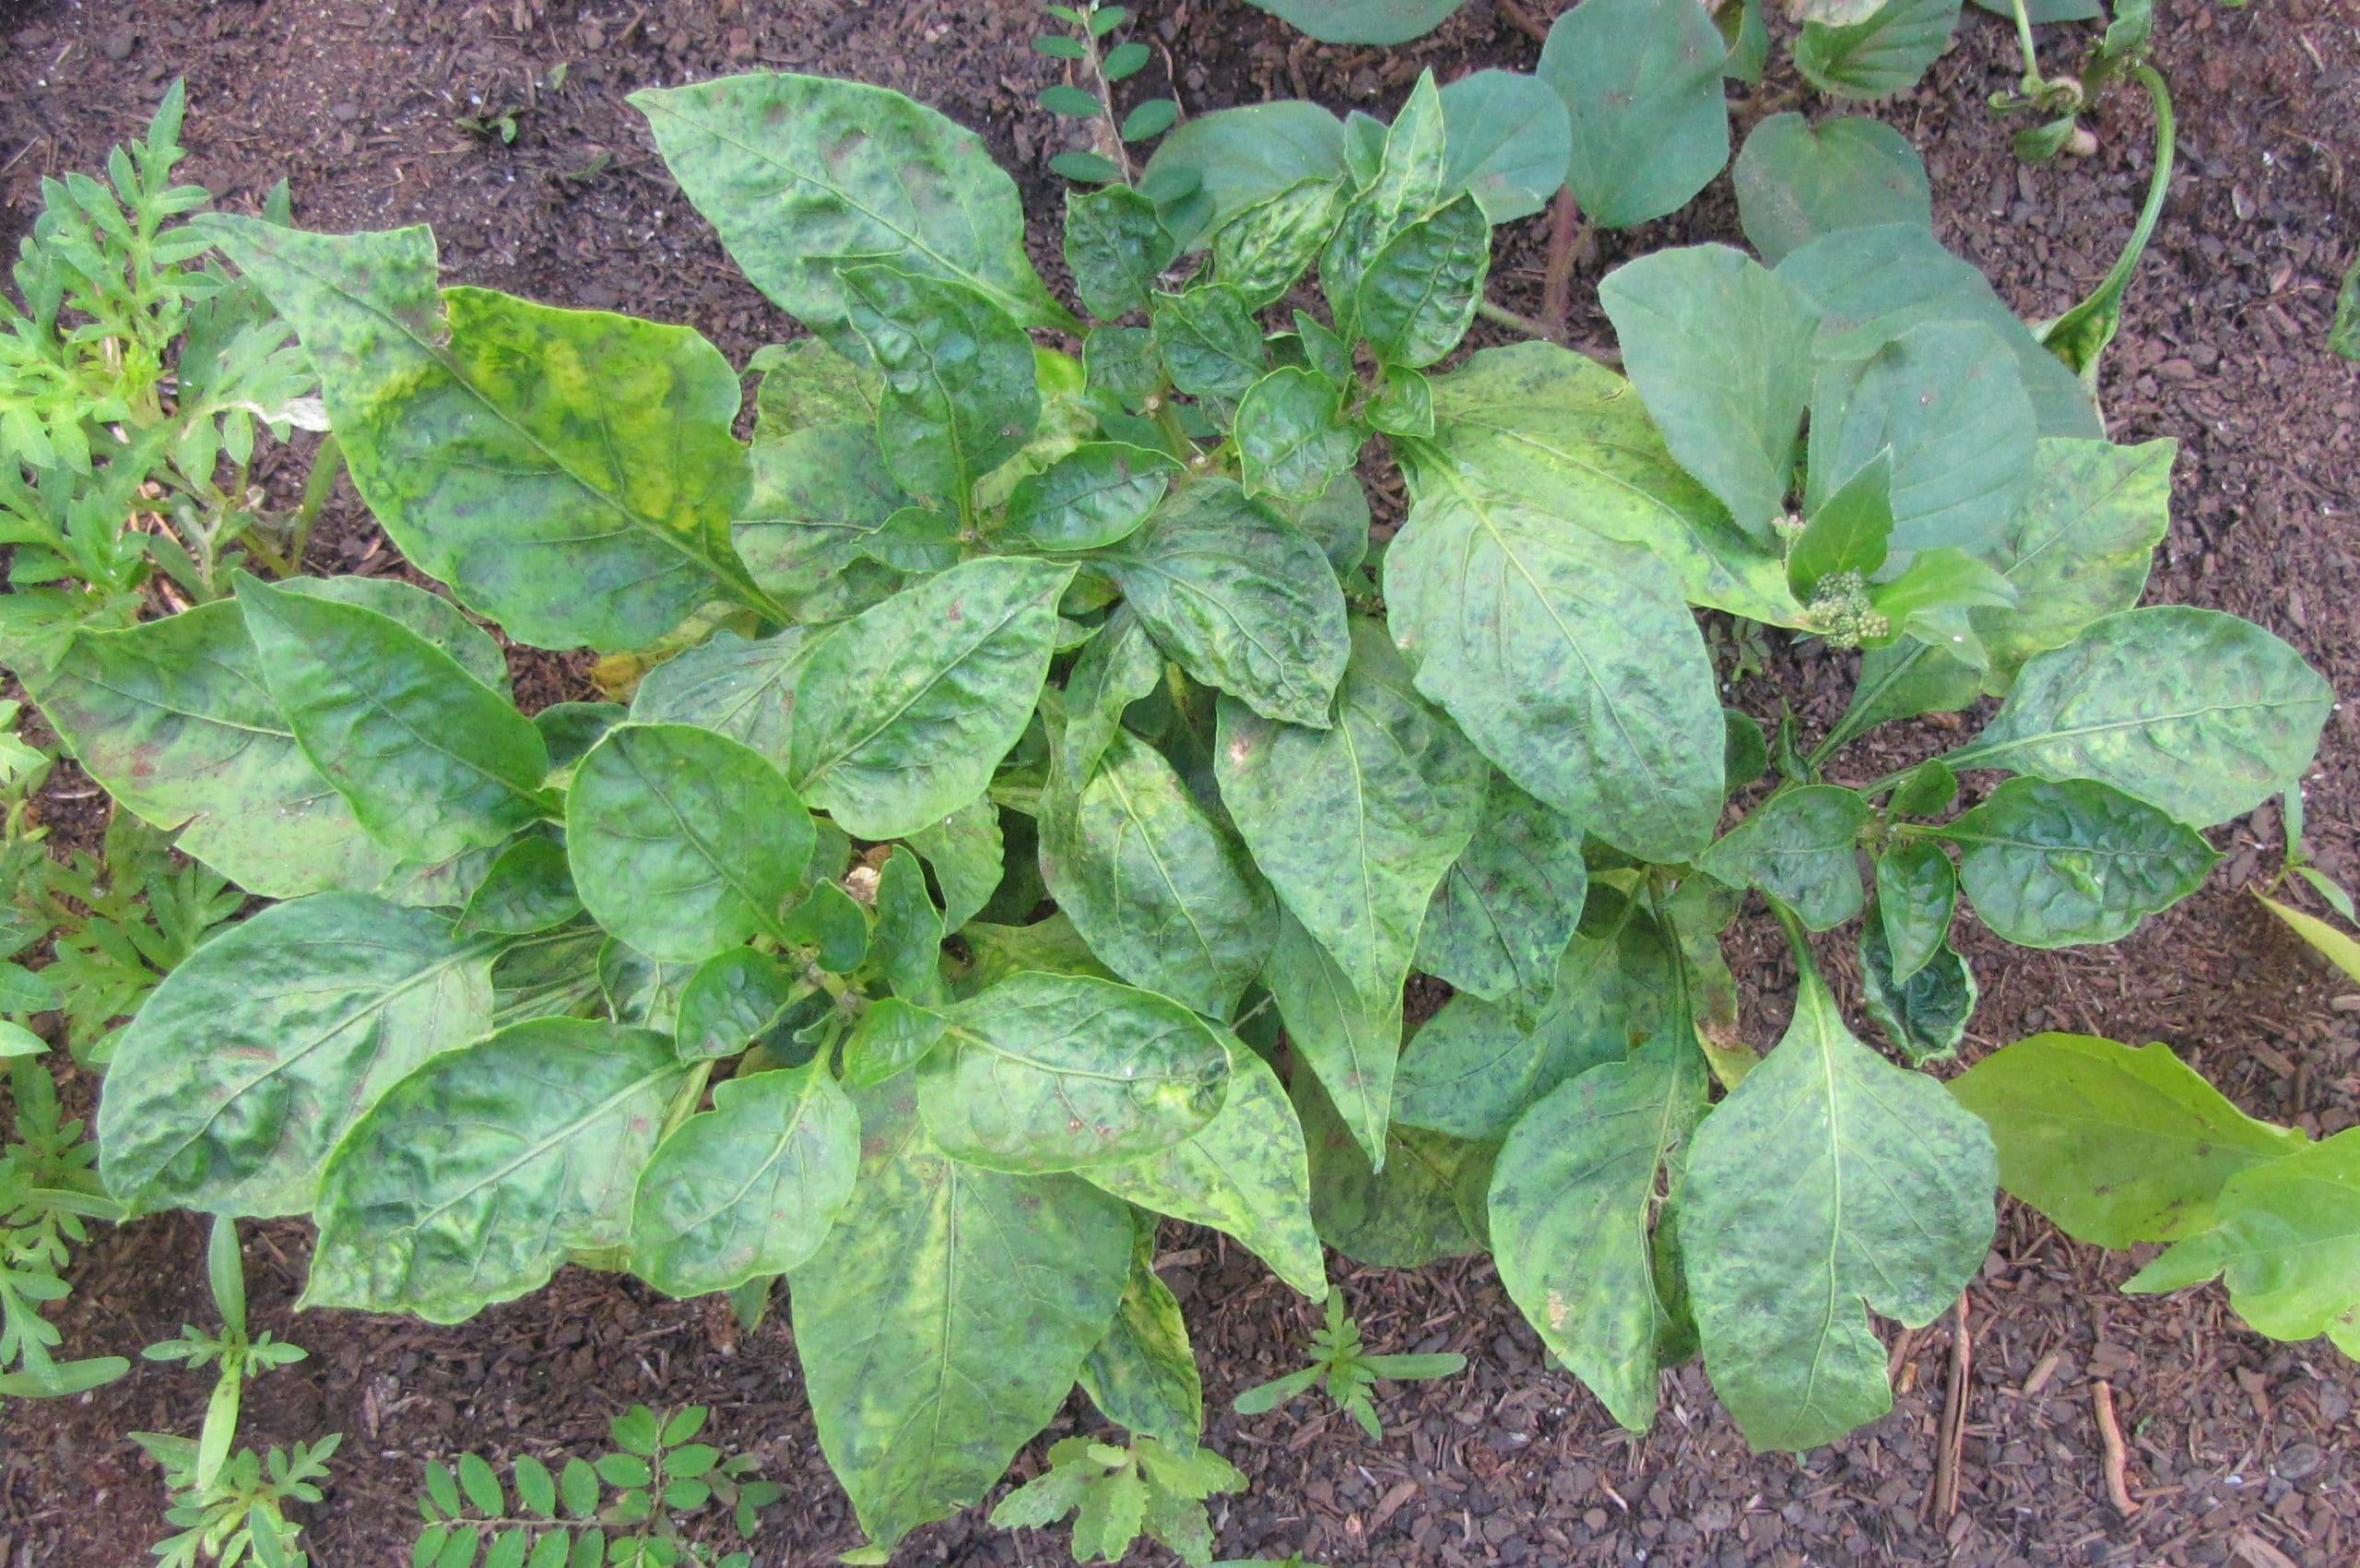 Planta afectada por virus